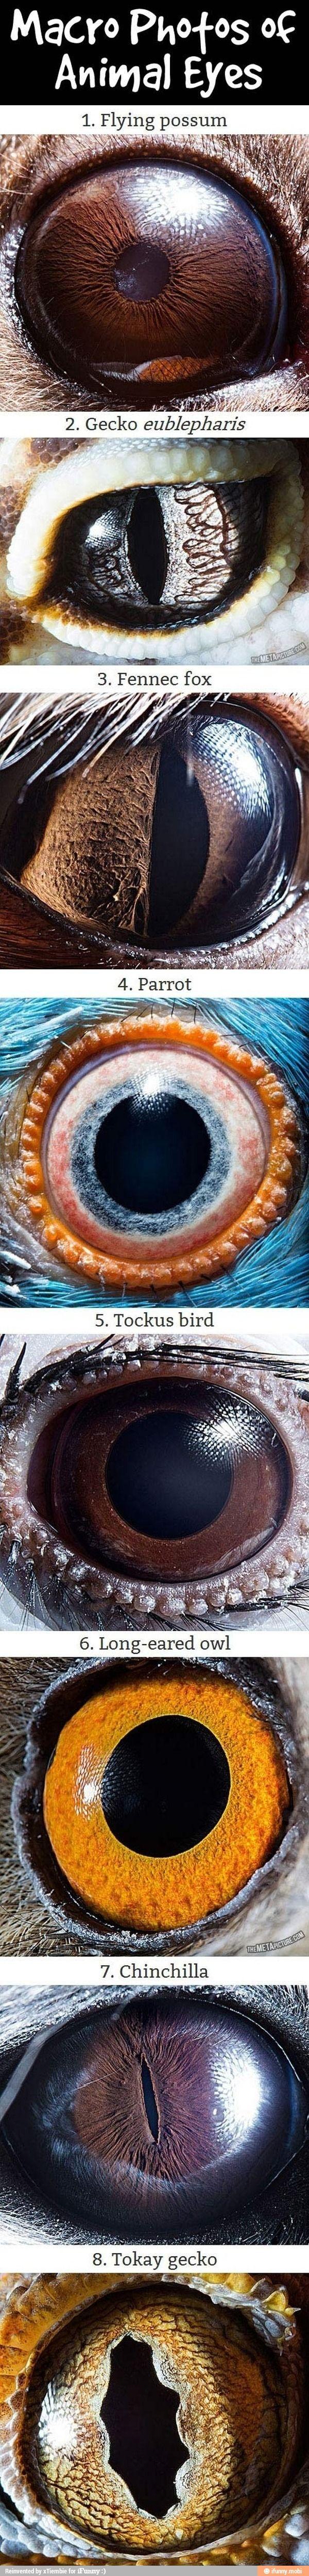 Macro photos of animal eyes so weird